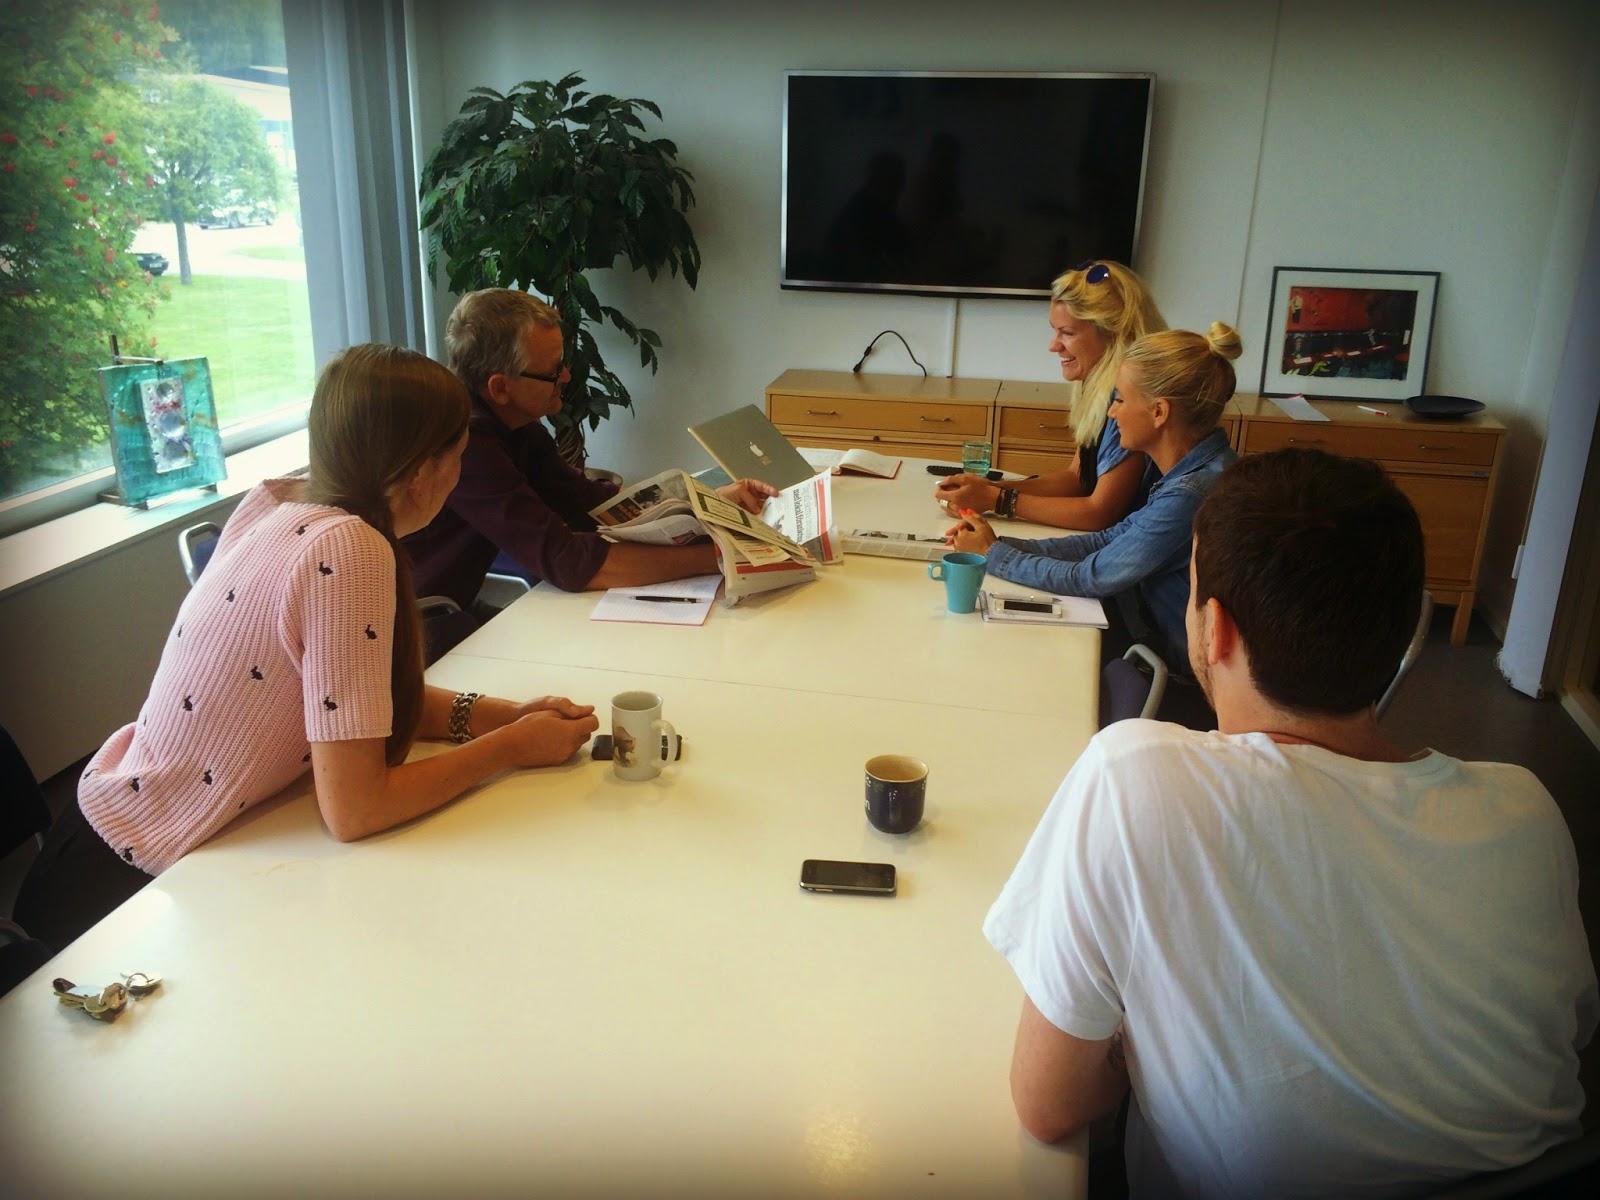 ukrainska kvinnor söker svenska män höganäs